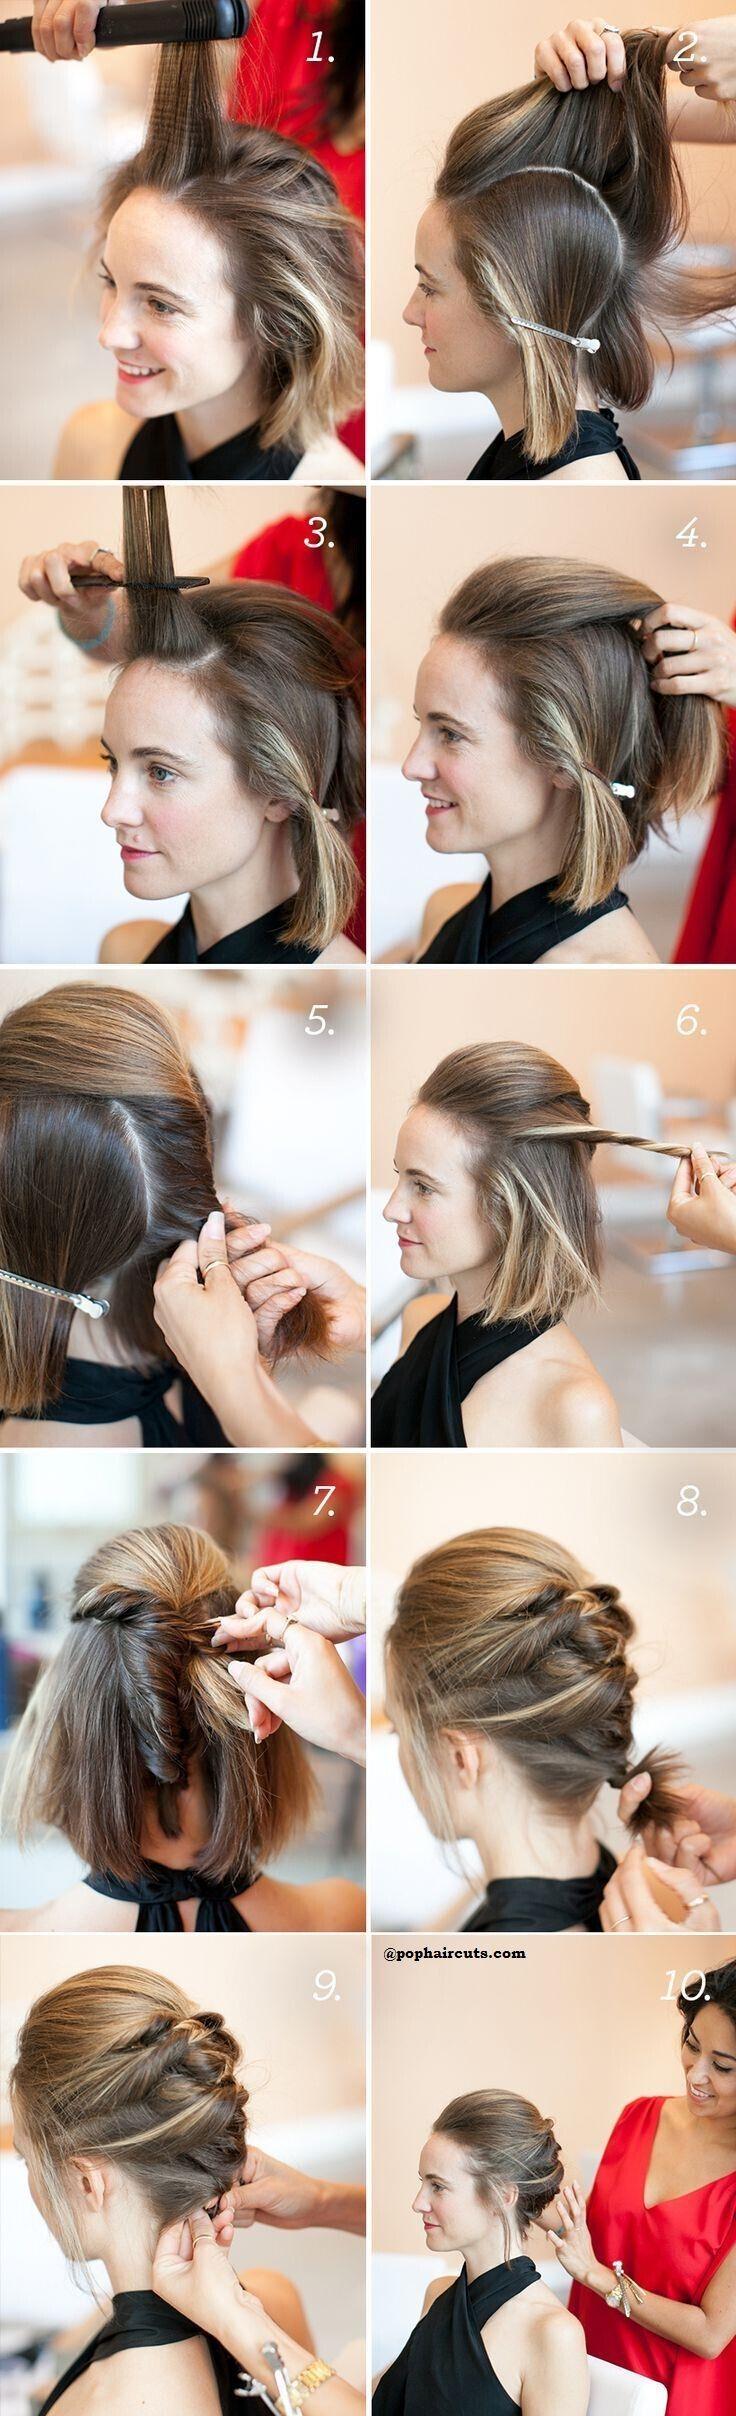 15 tutoriels pour cheveux courts